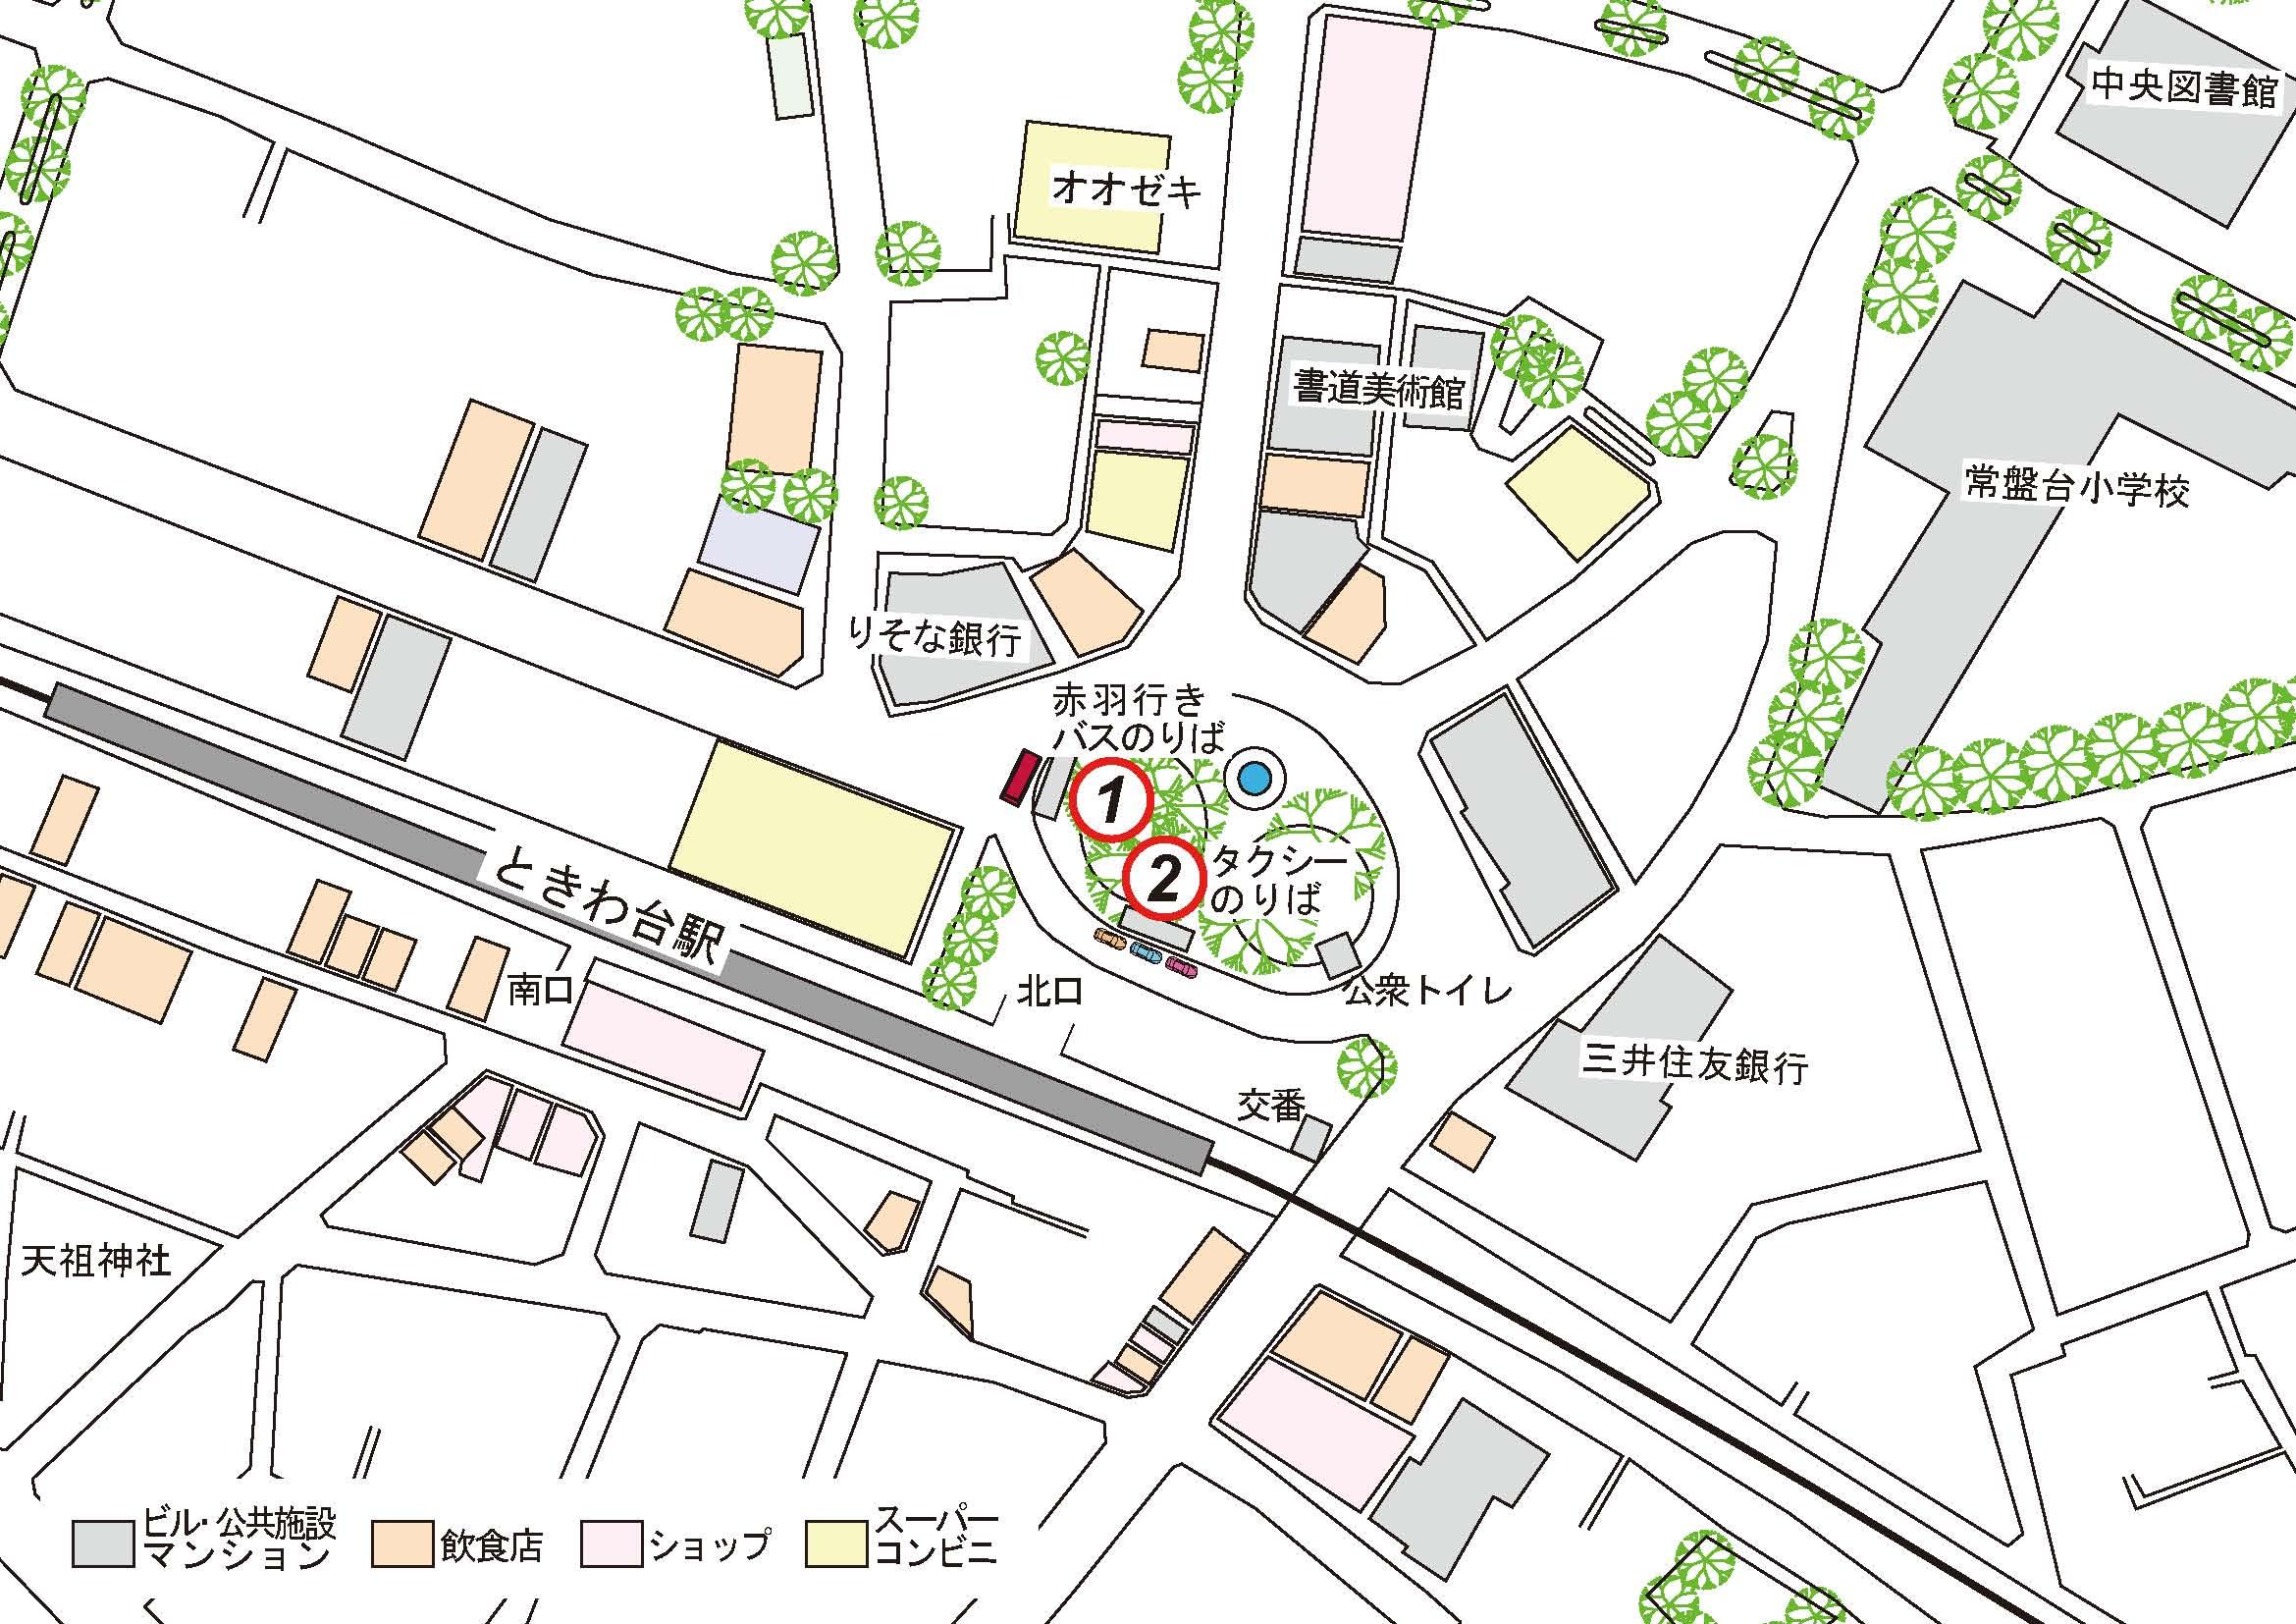 ときわ台駅周辺地図(最終更新日2019/06/20)はオリジナル!無料でダウンロードできる地図の画像